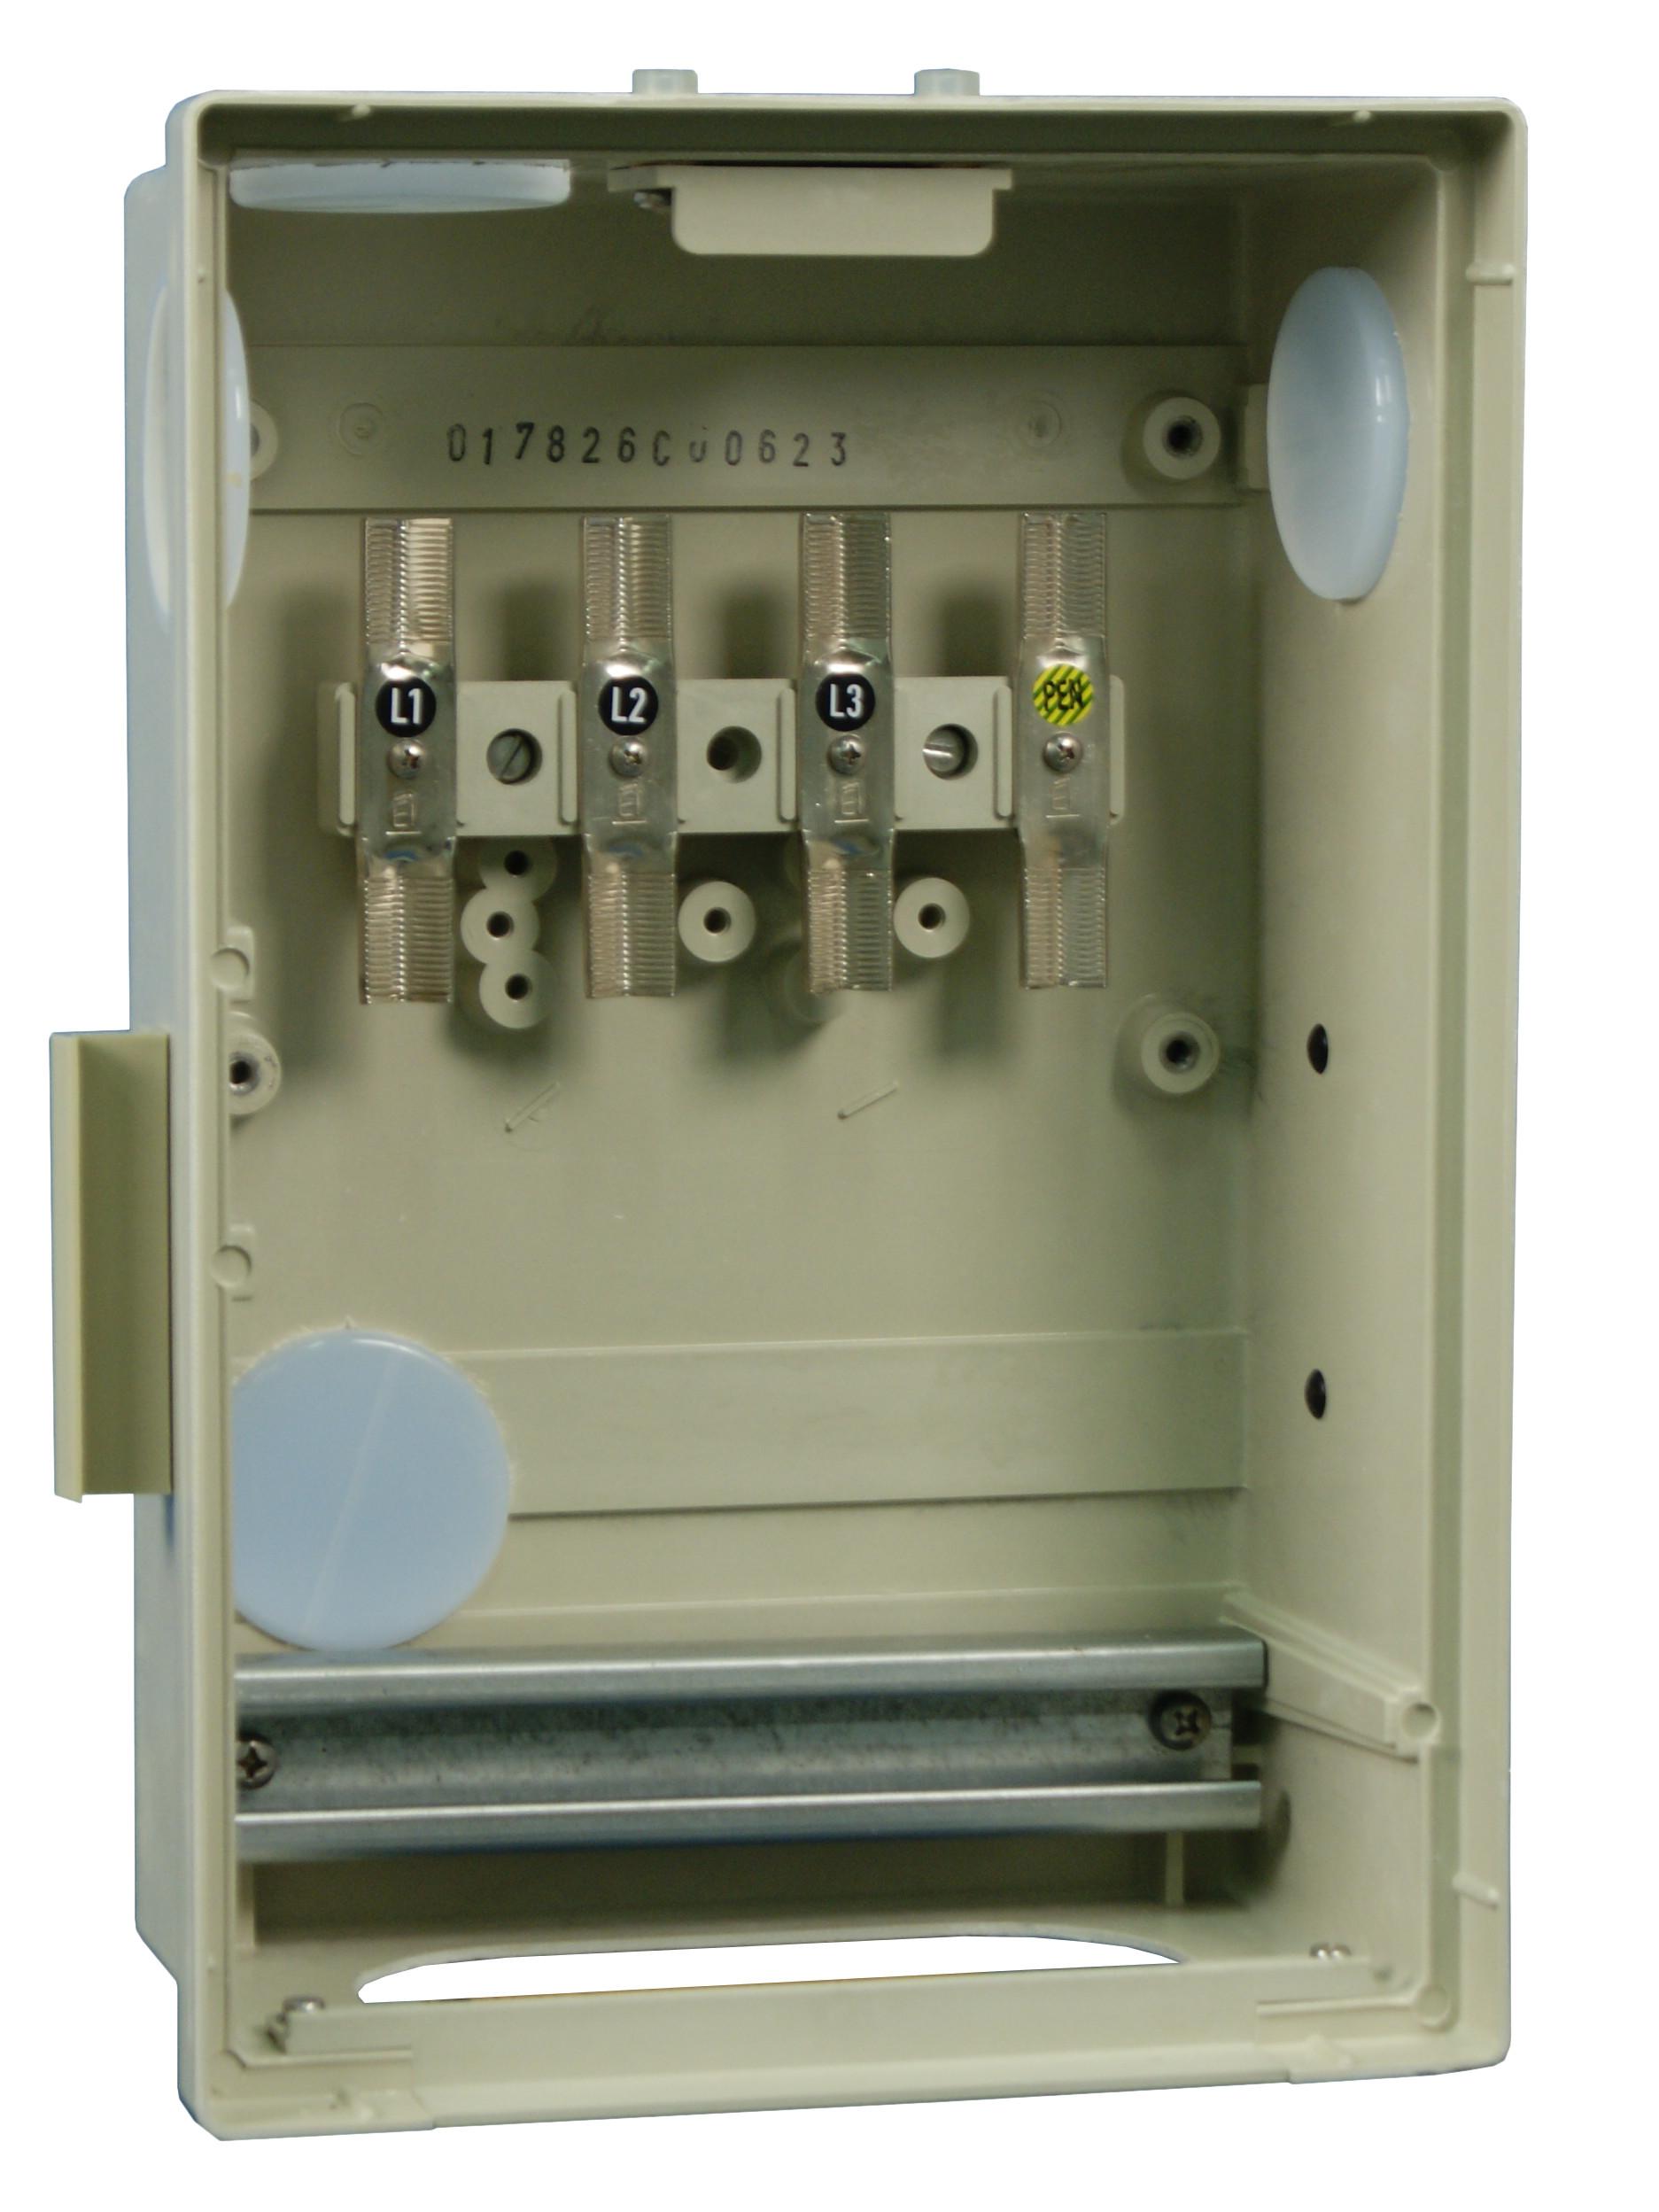 1 Stk Hausanschlussverteiler KÜK mit 4 V-Laschen IG714104--